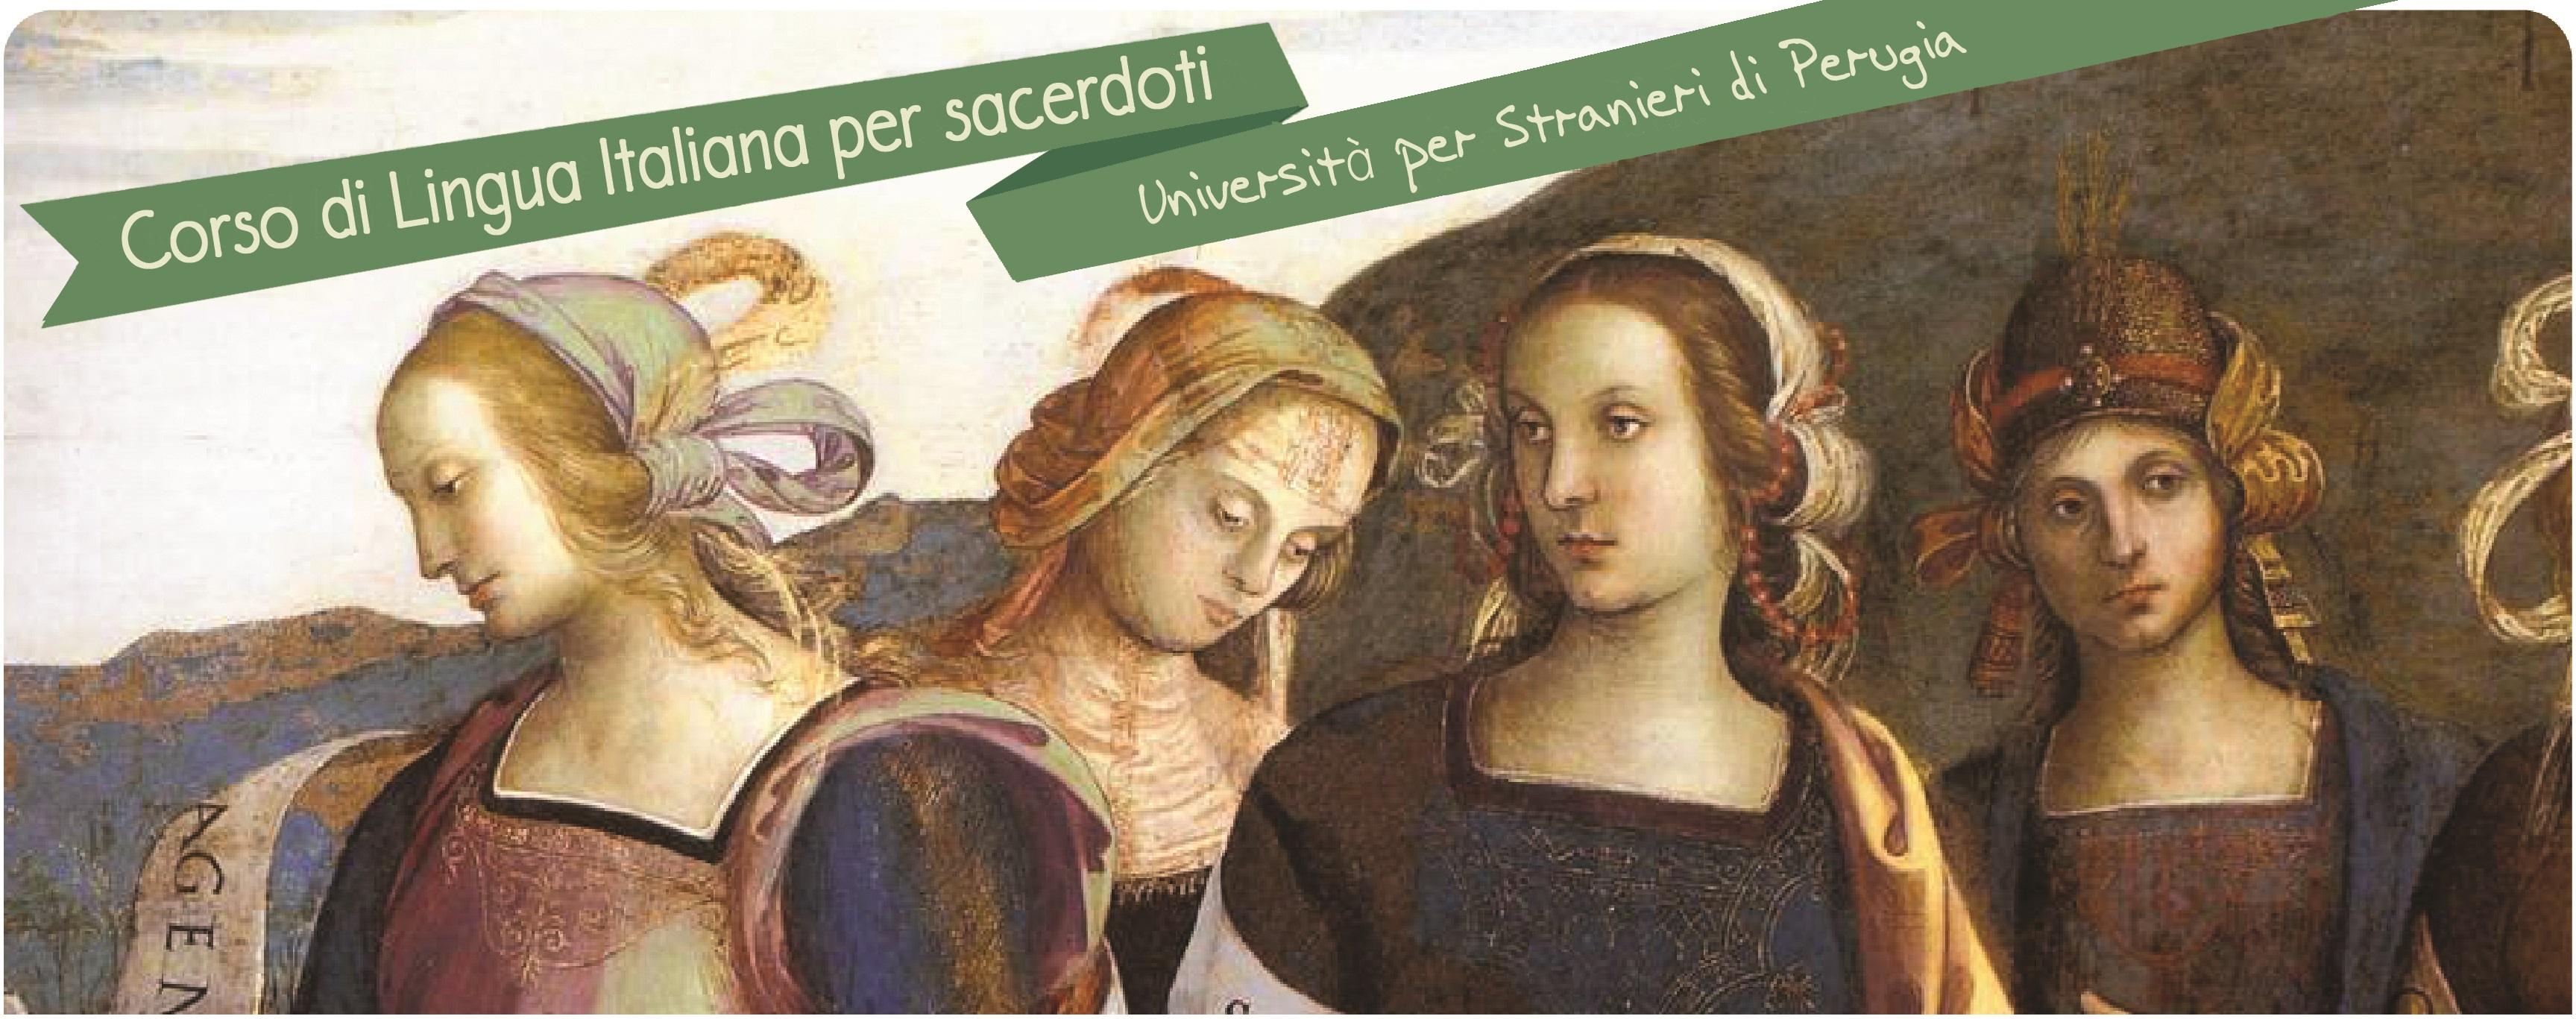 CORSO DI LINGUA ITALIANA PER SACERDOTI E RELIGIOSI - Università per Stranieri di Perugia